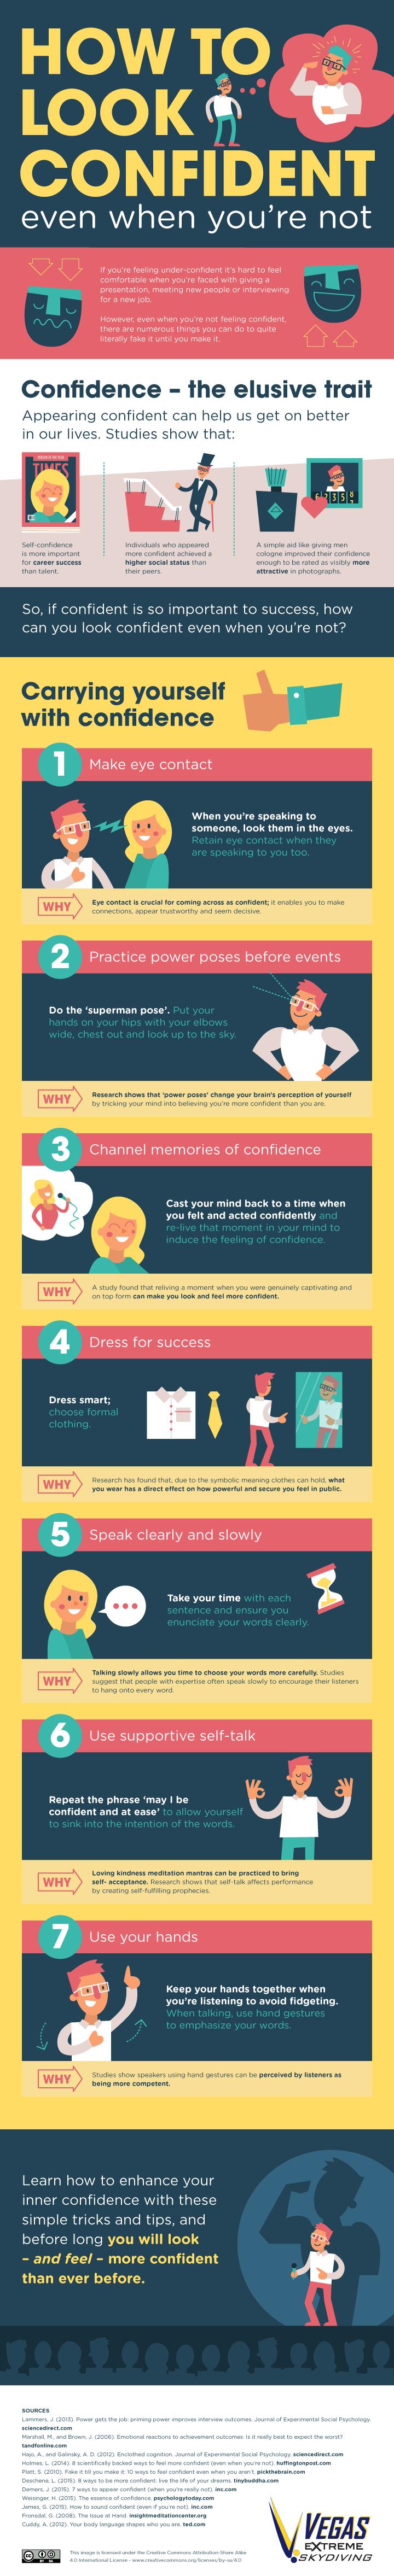 confident infographic